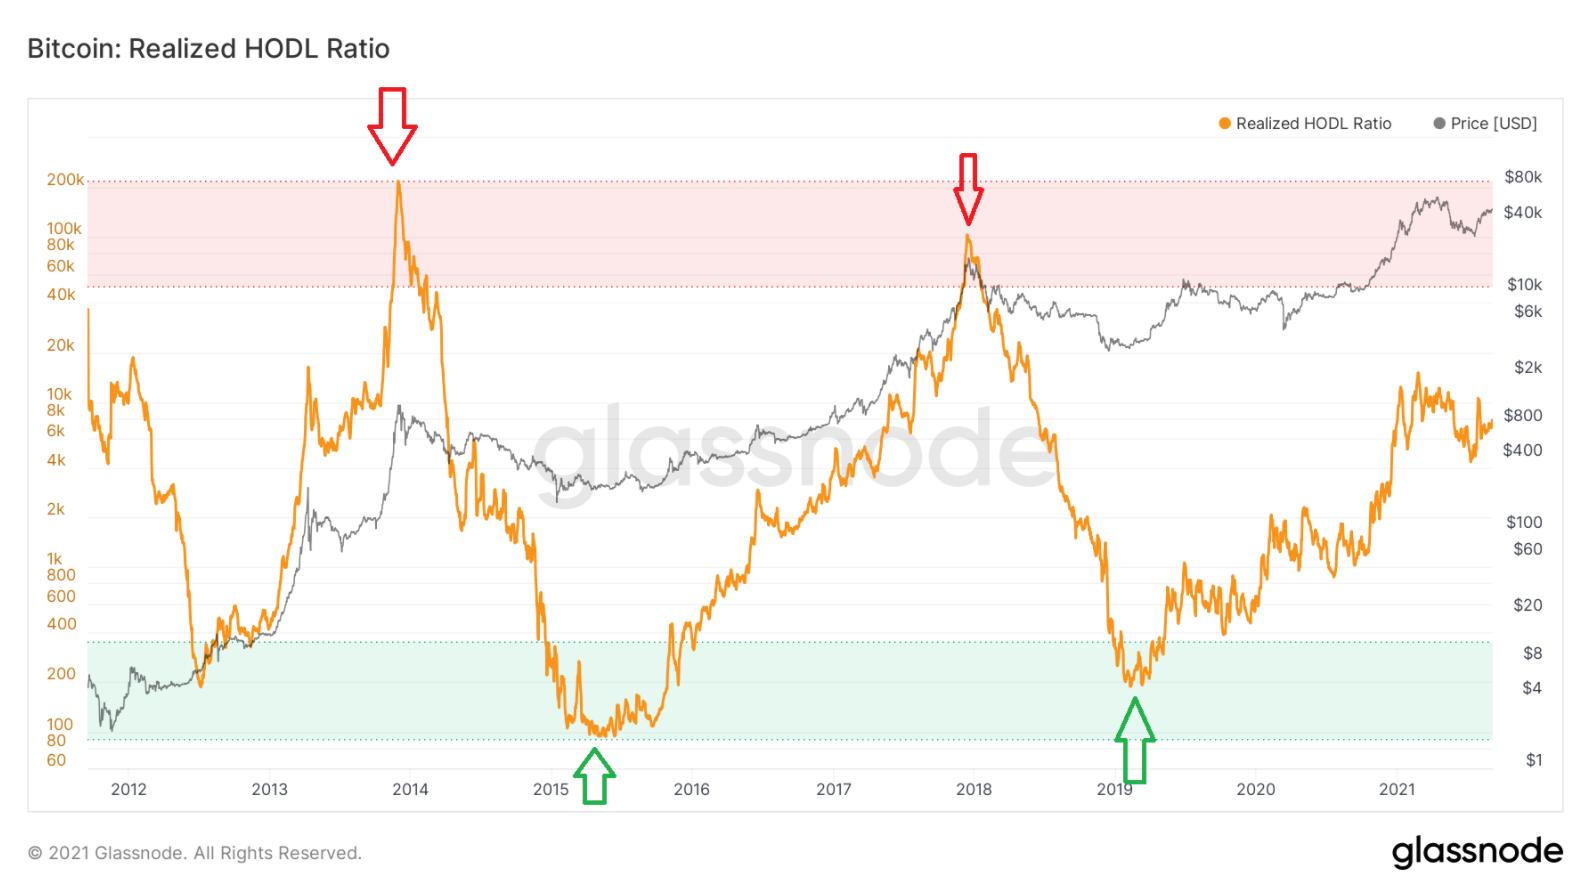 Bitcoin vẫn chưa đạt đỉnh - Chỉ báo HODL Ratio